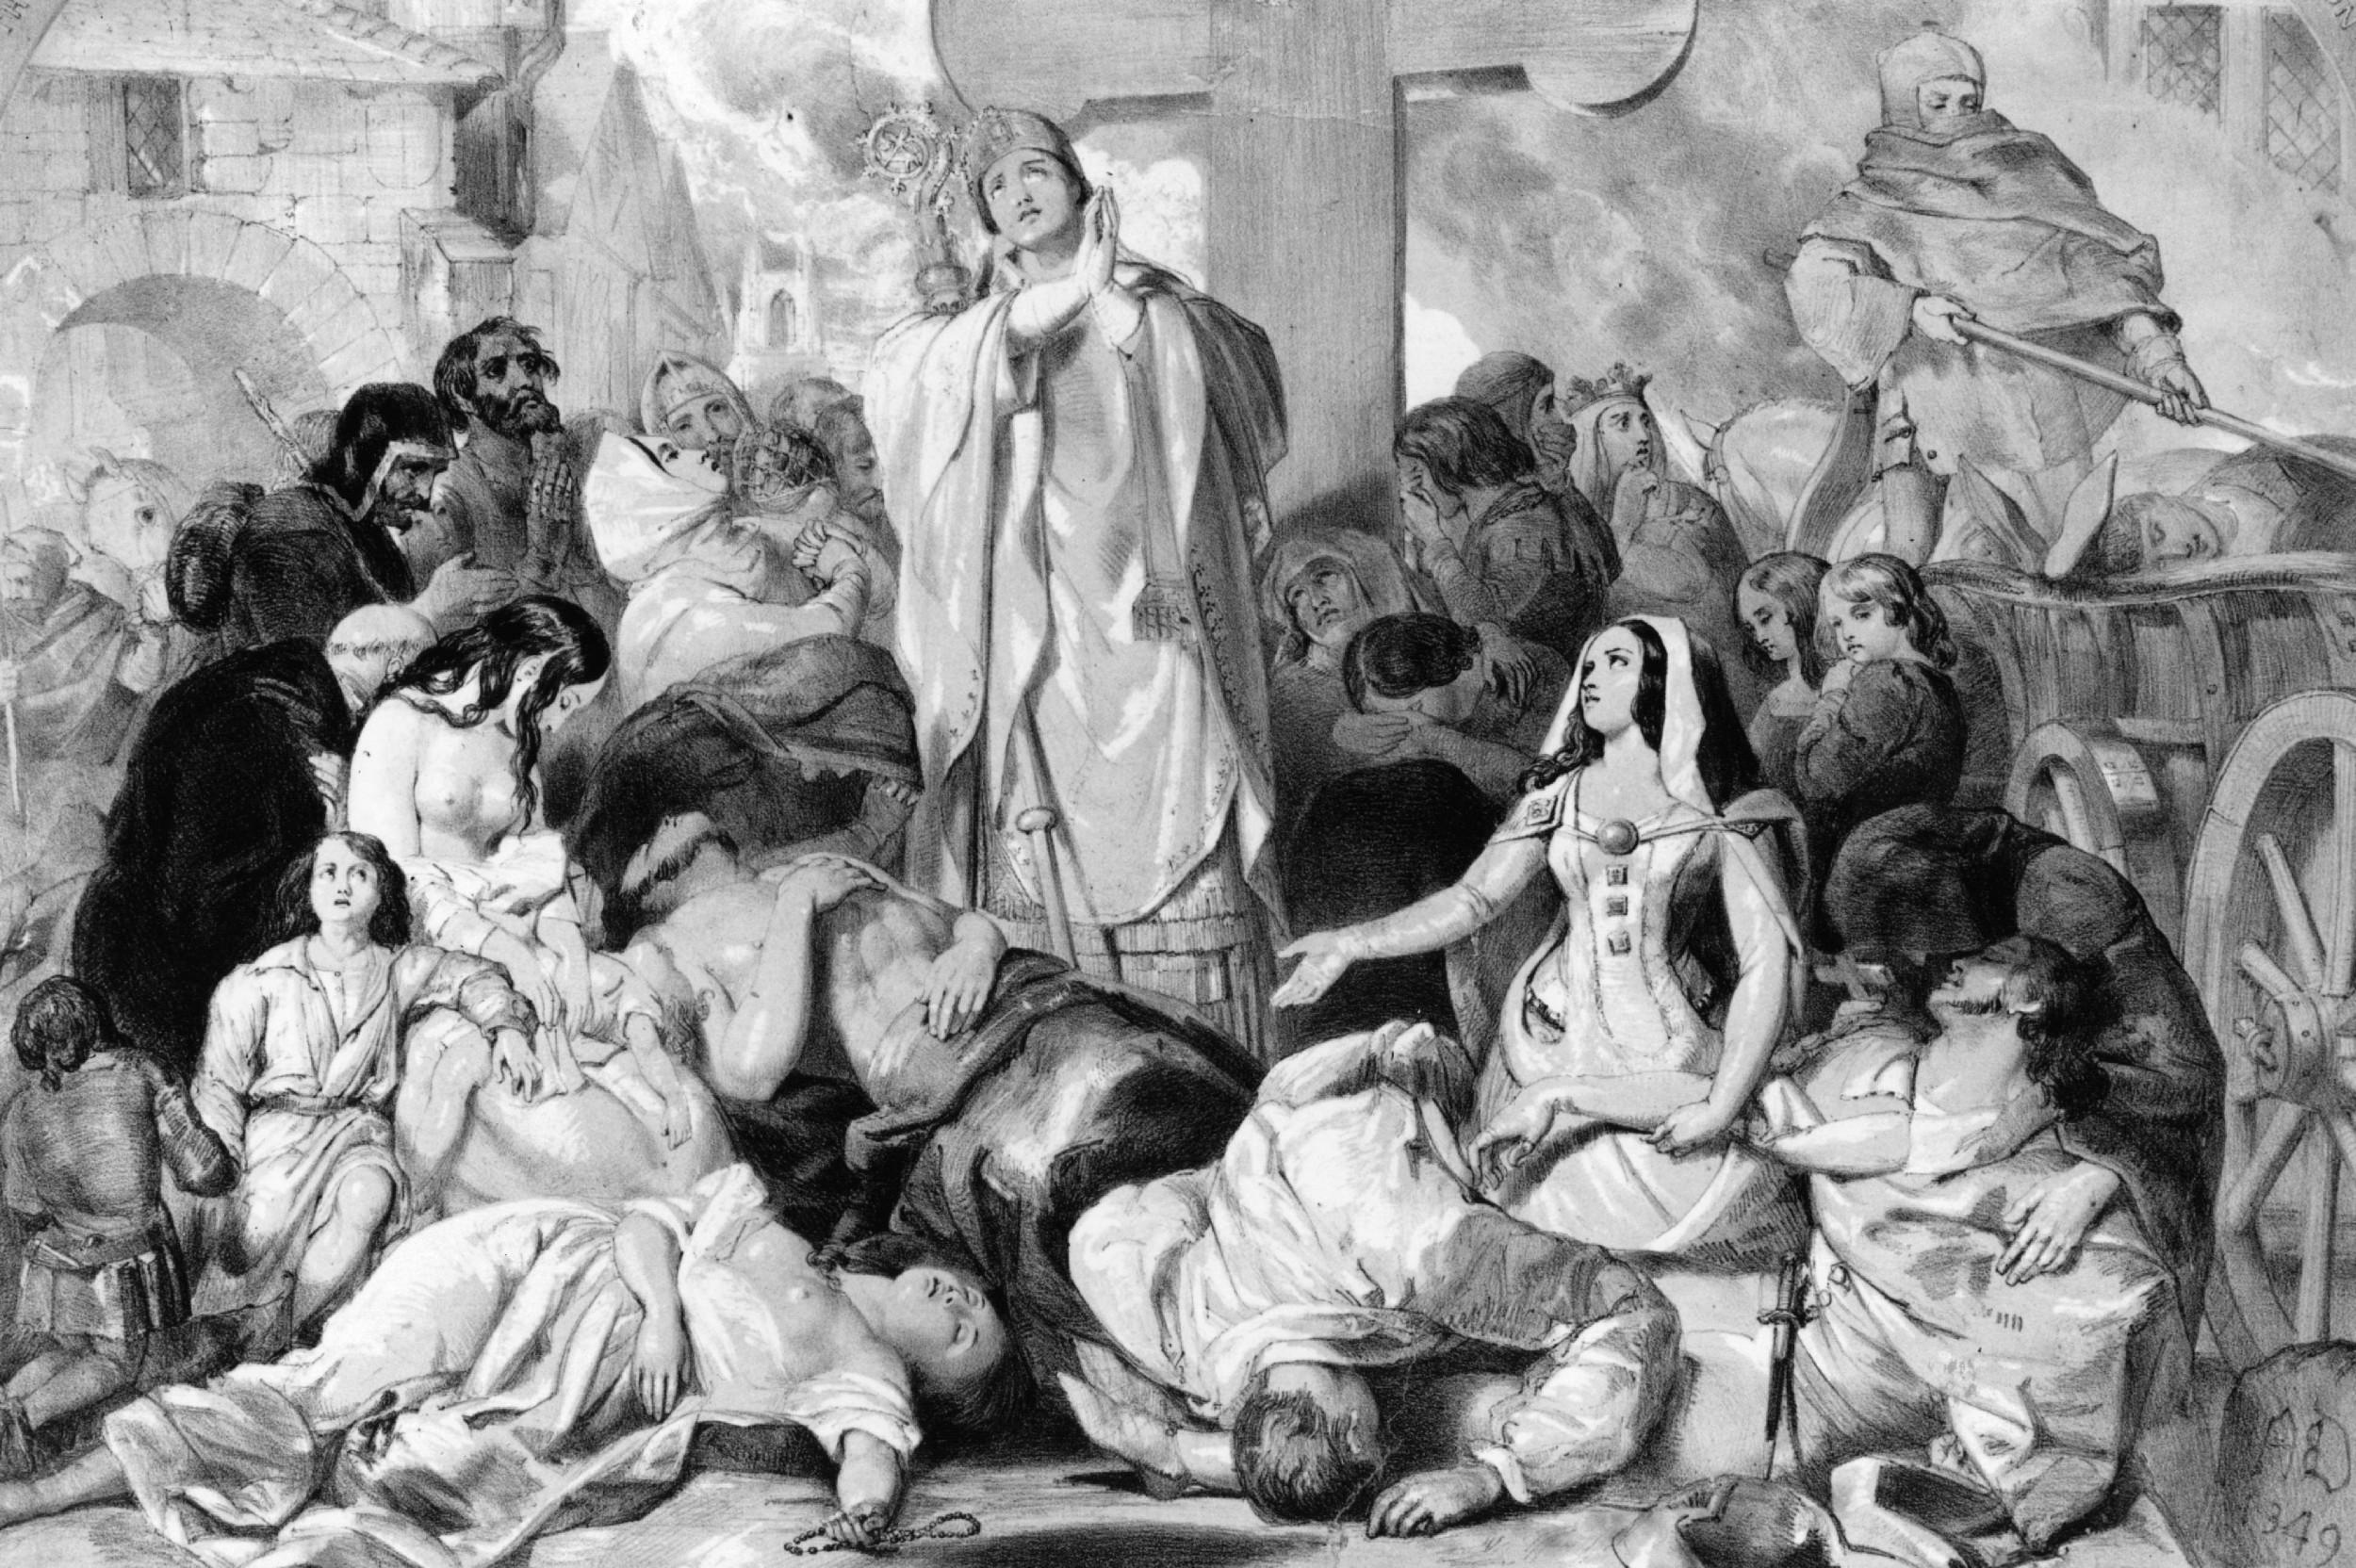 Људи се моле за избављење од бубонске куге, око 1350. године (Фото: Hulton Archive/Getty Images)